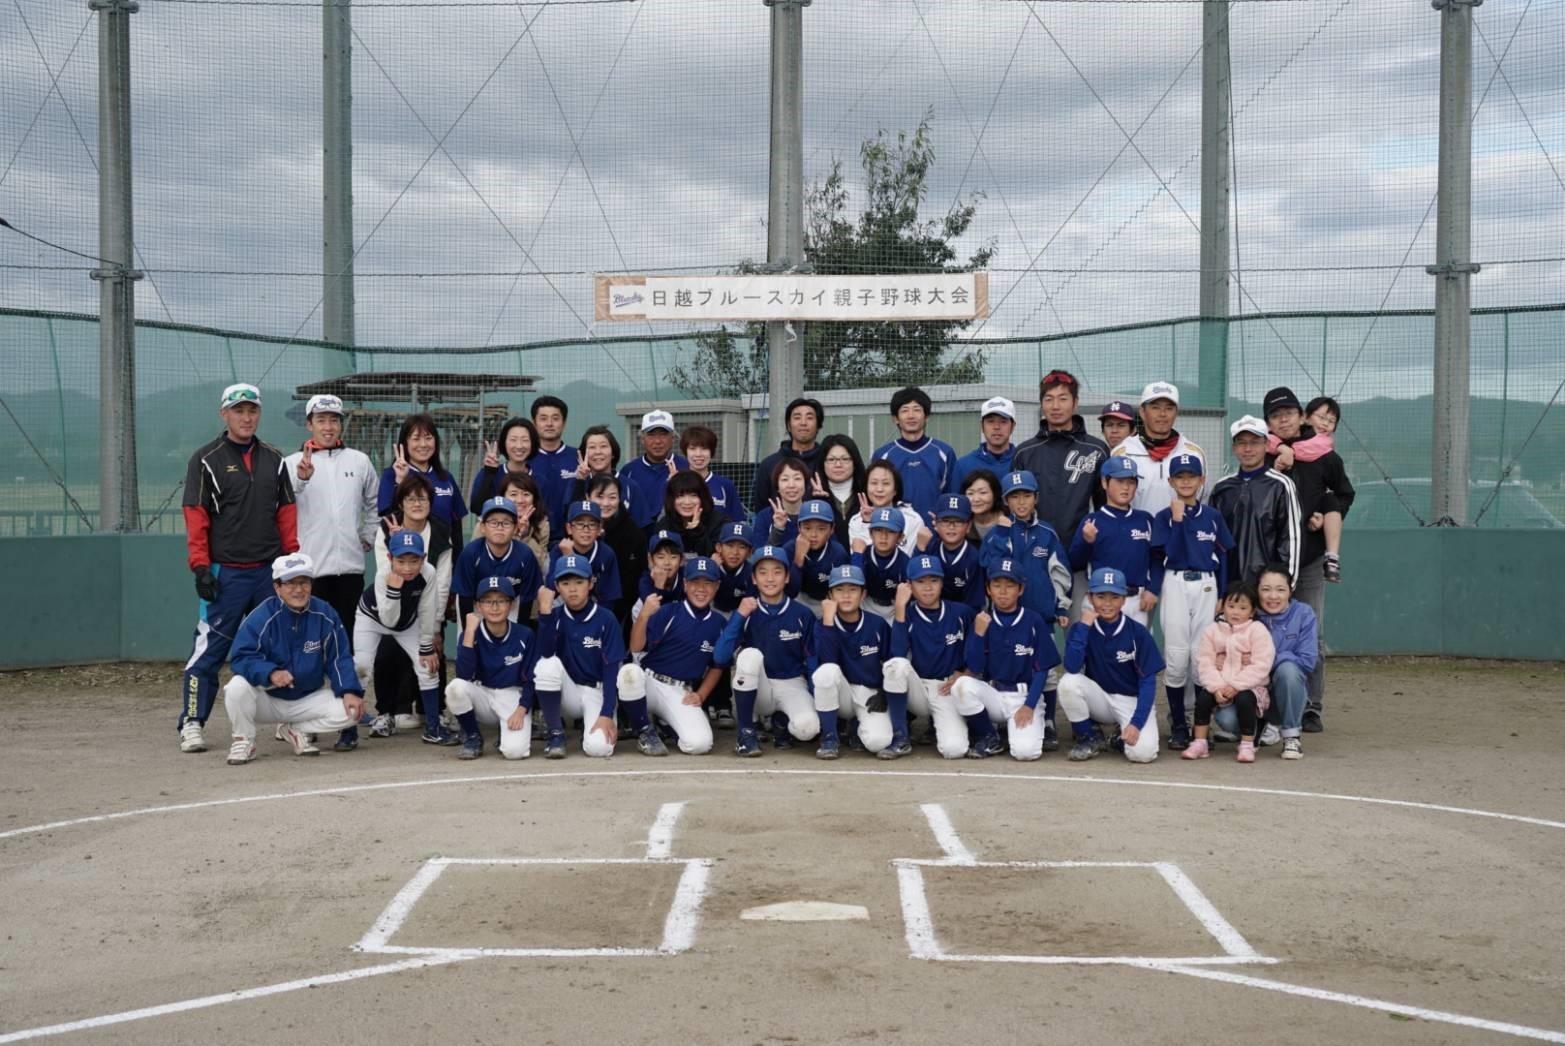 2019年度 ブルースカイ親子野球大会開催ぃ~!!!_b0095176_10293290.jpg